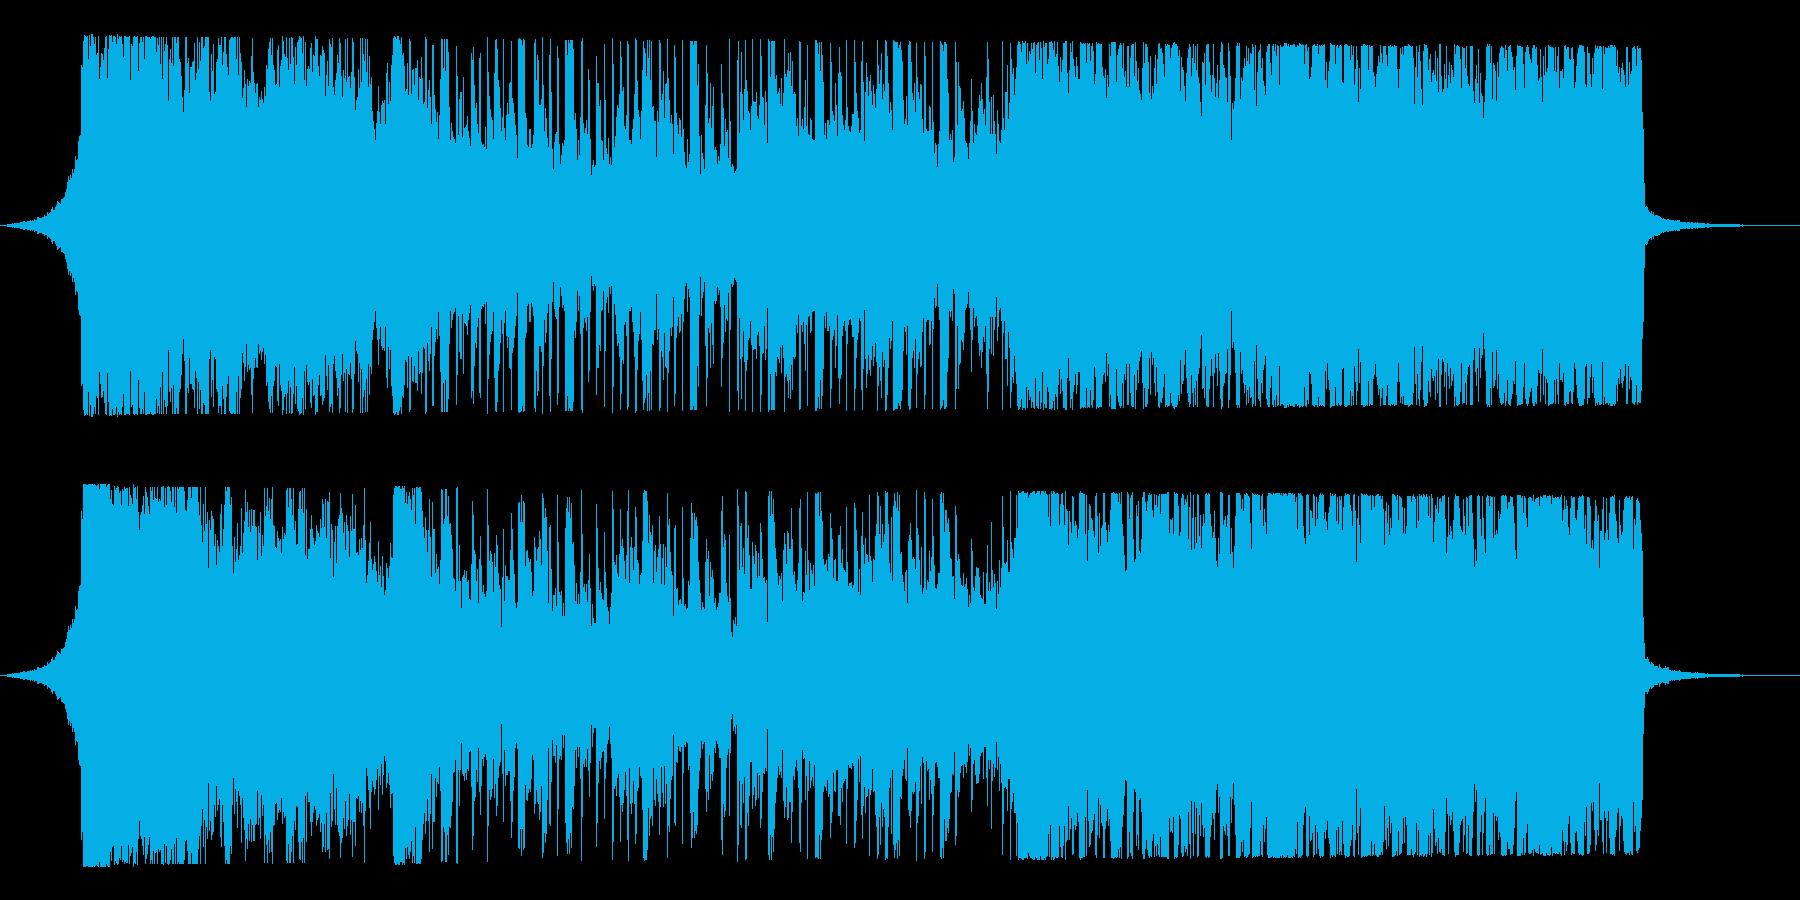 荘厳なシンセオーケストラの再生済みの波形